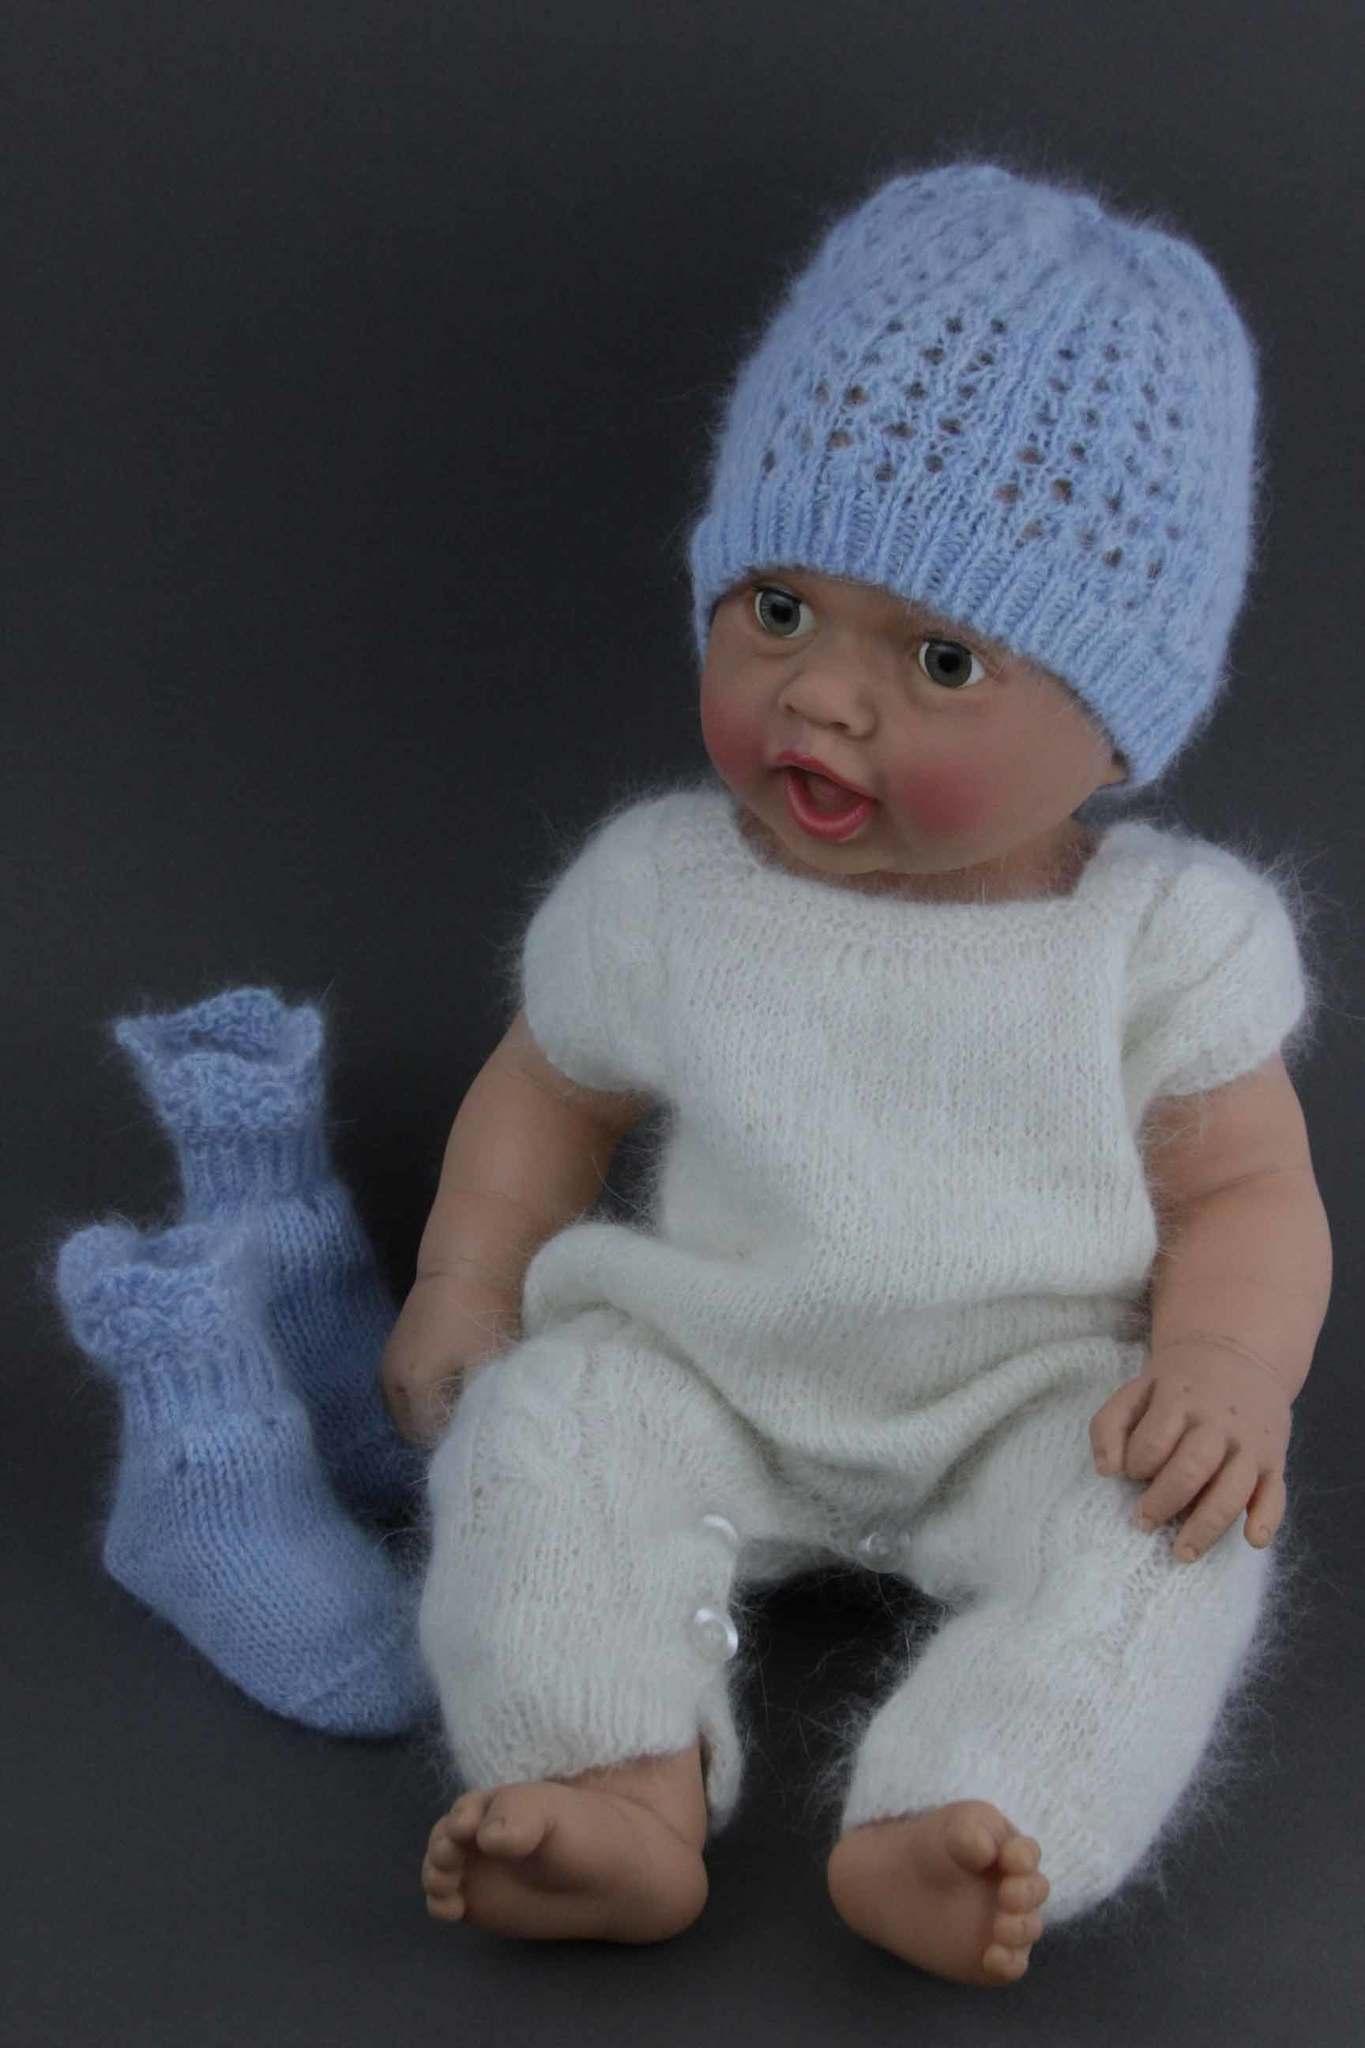 Blue_angora_lace_hat